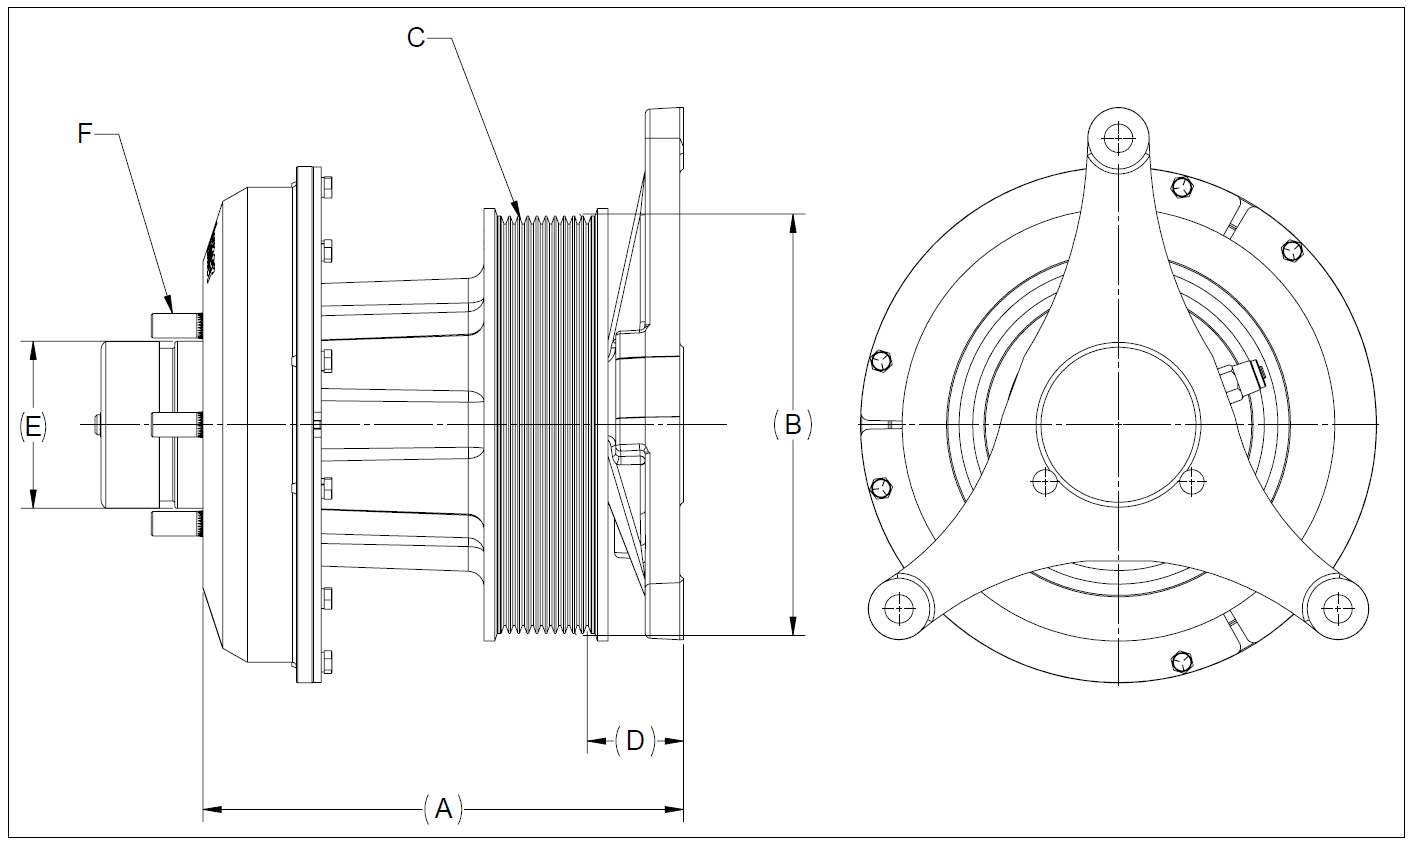 010021880 K30 Rear Air Fan Drive Assembly